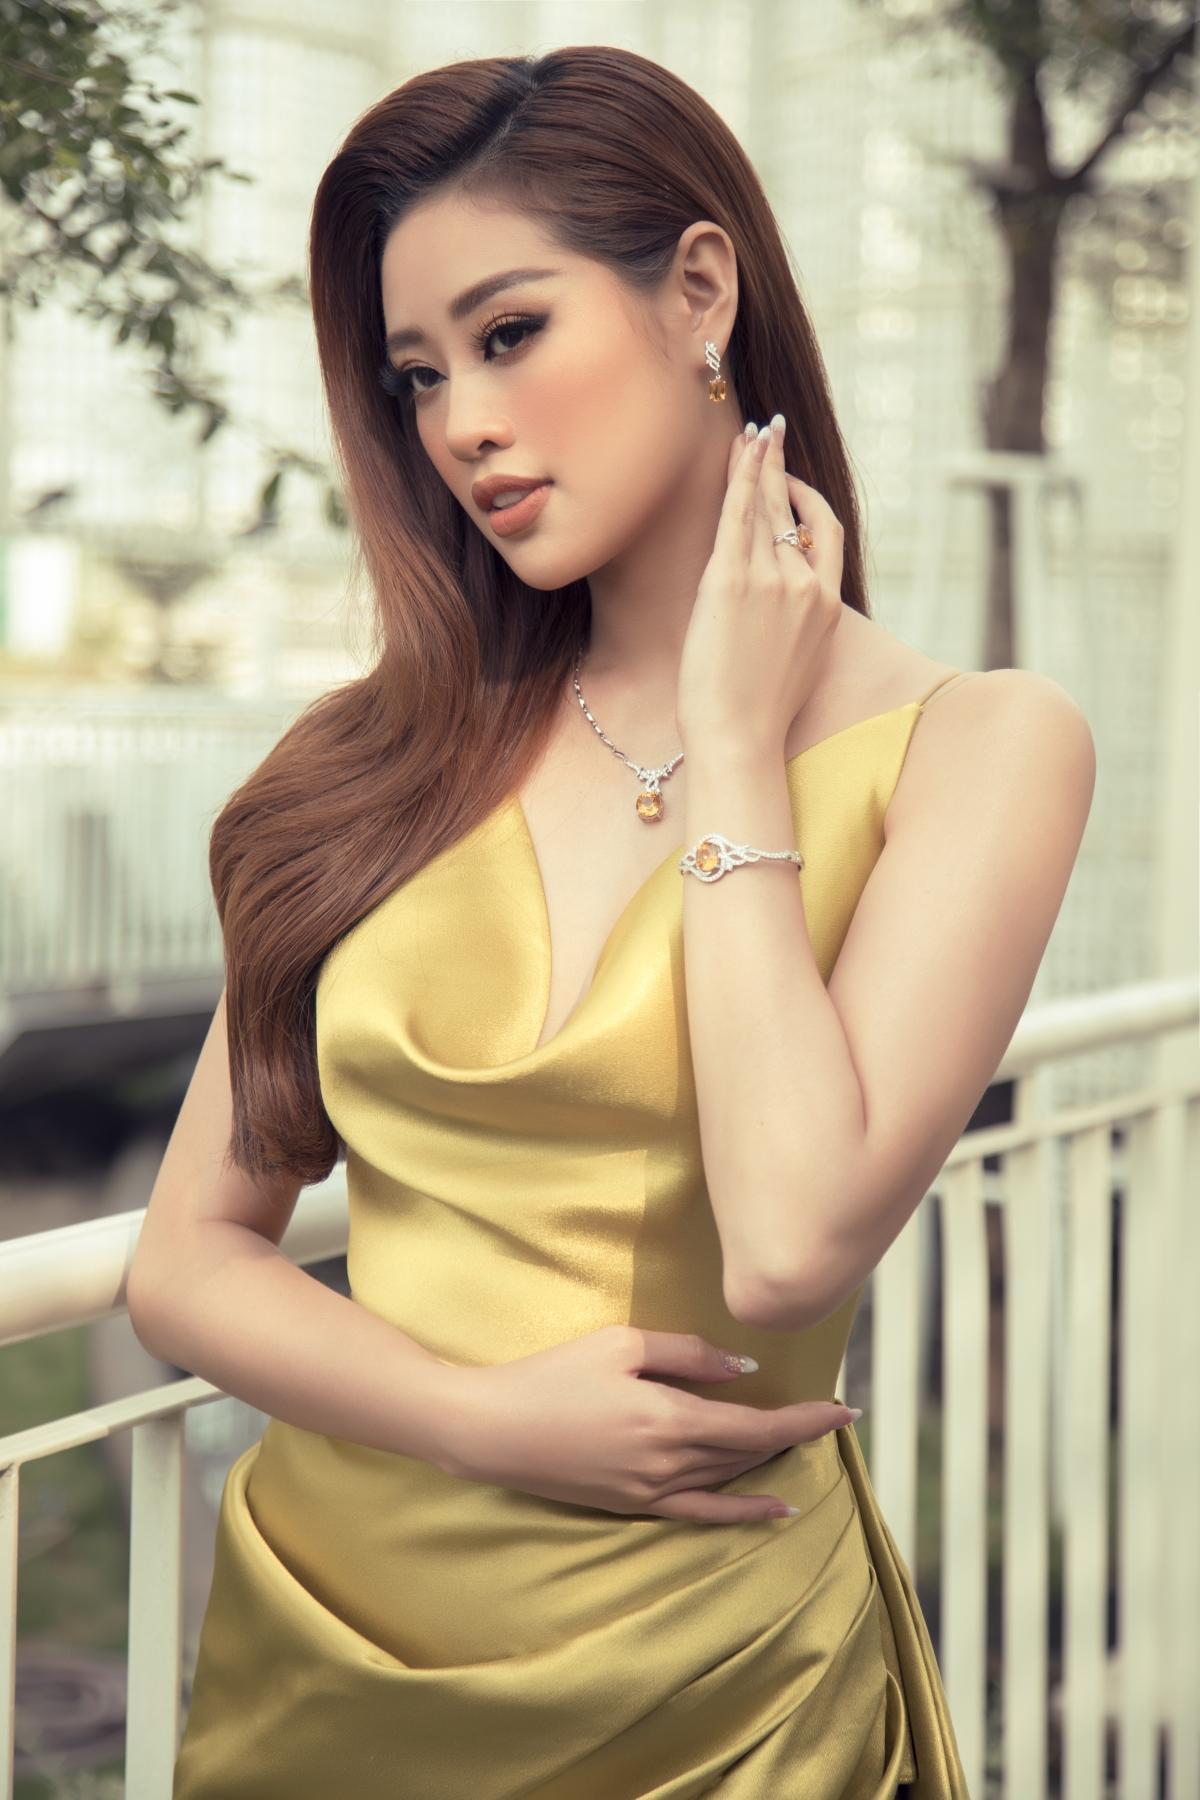 Hoa hậu Khánh Vân xinh đẹp nổi bật với đầm vàng gợi cảm đi dự sự kiện Ảnh 4